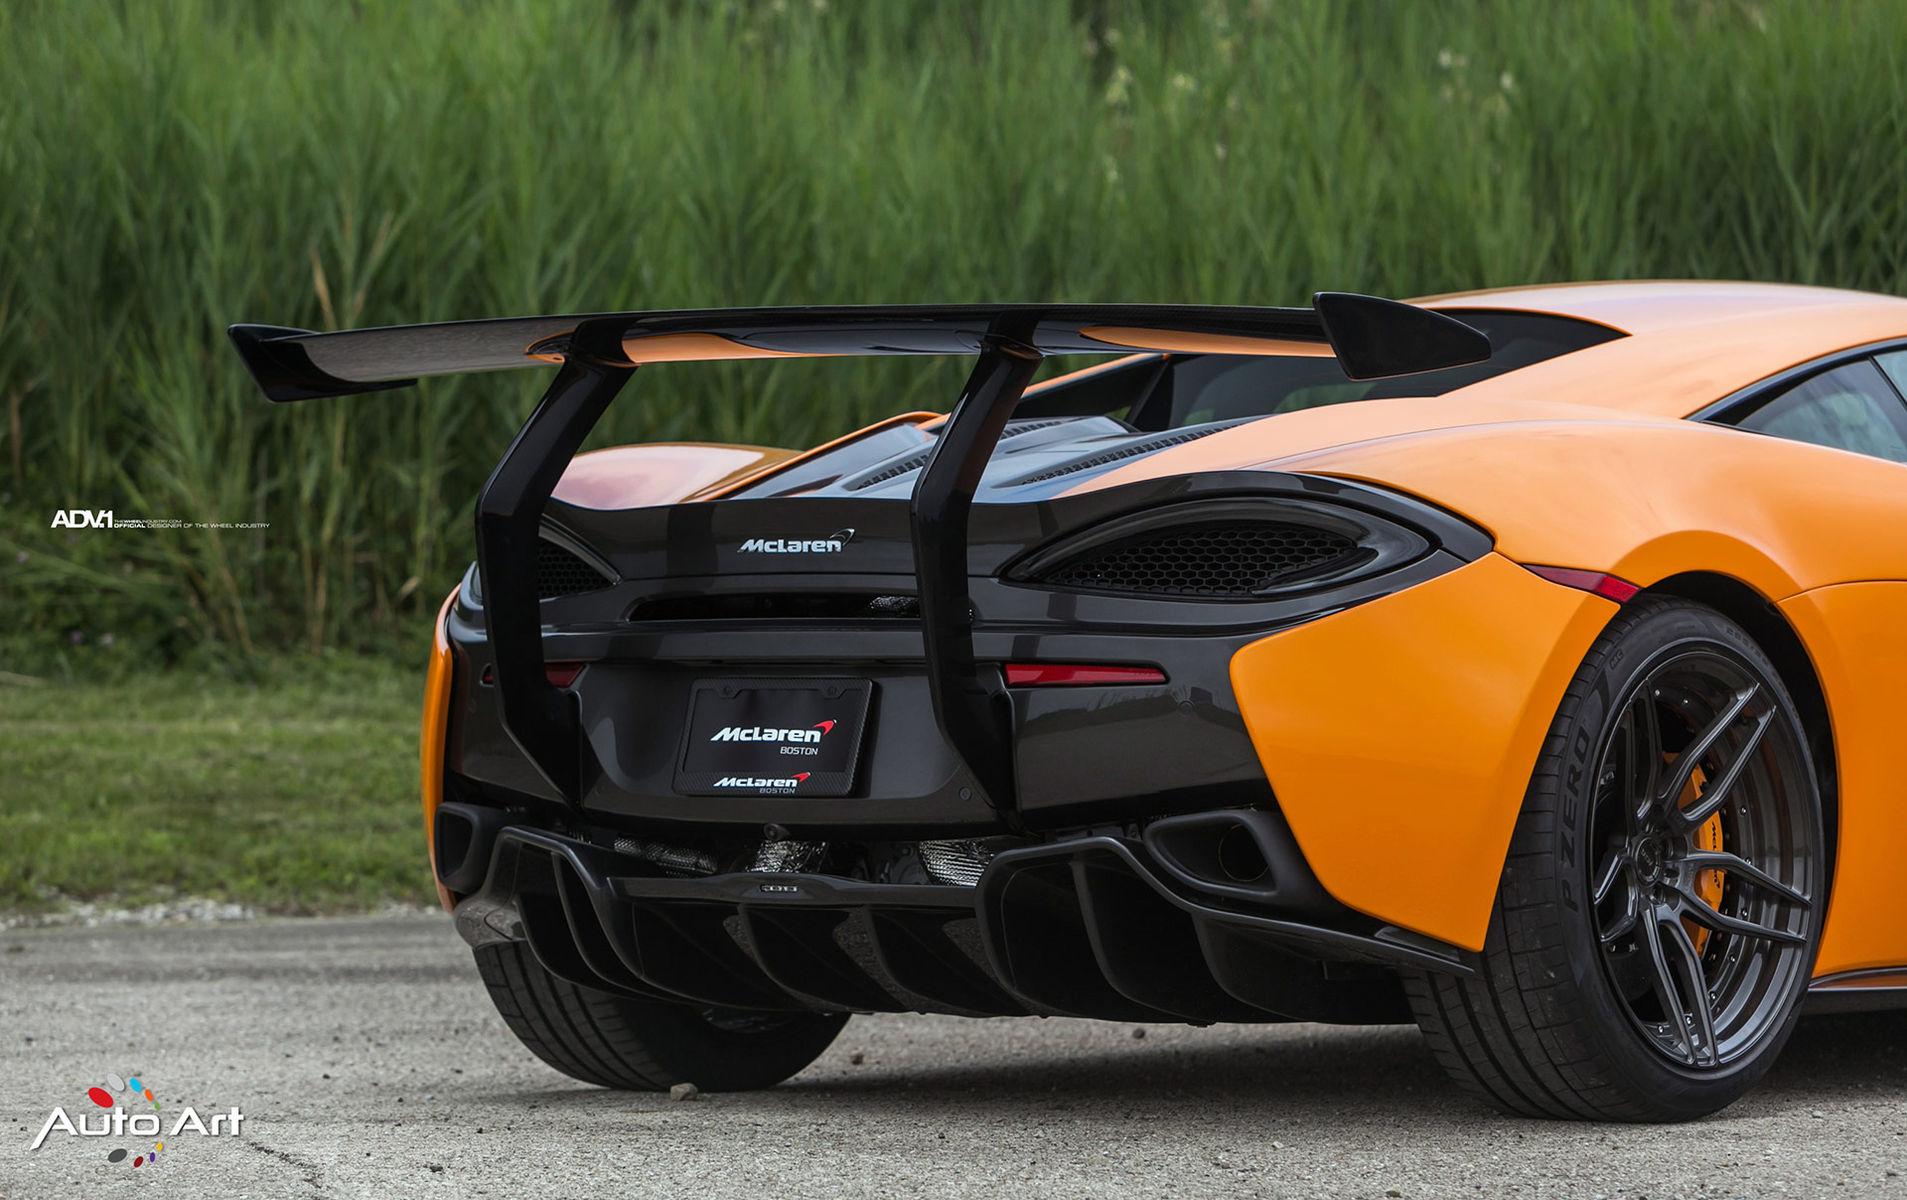 McLaren    McLaren 570s - ADV005 M.V2 SL Wheels